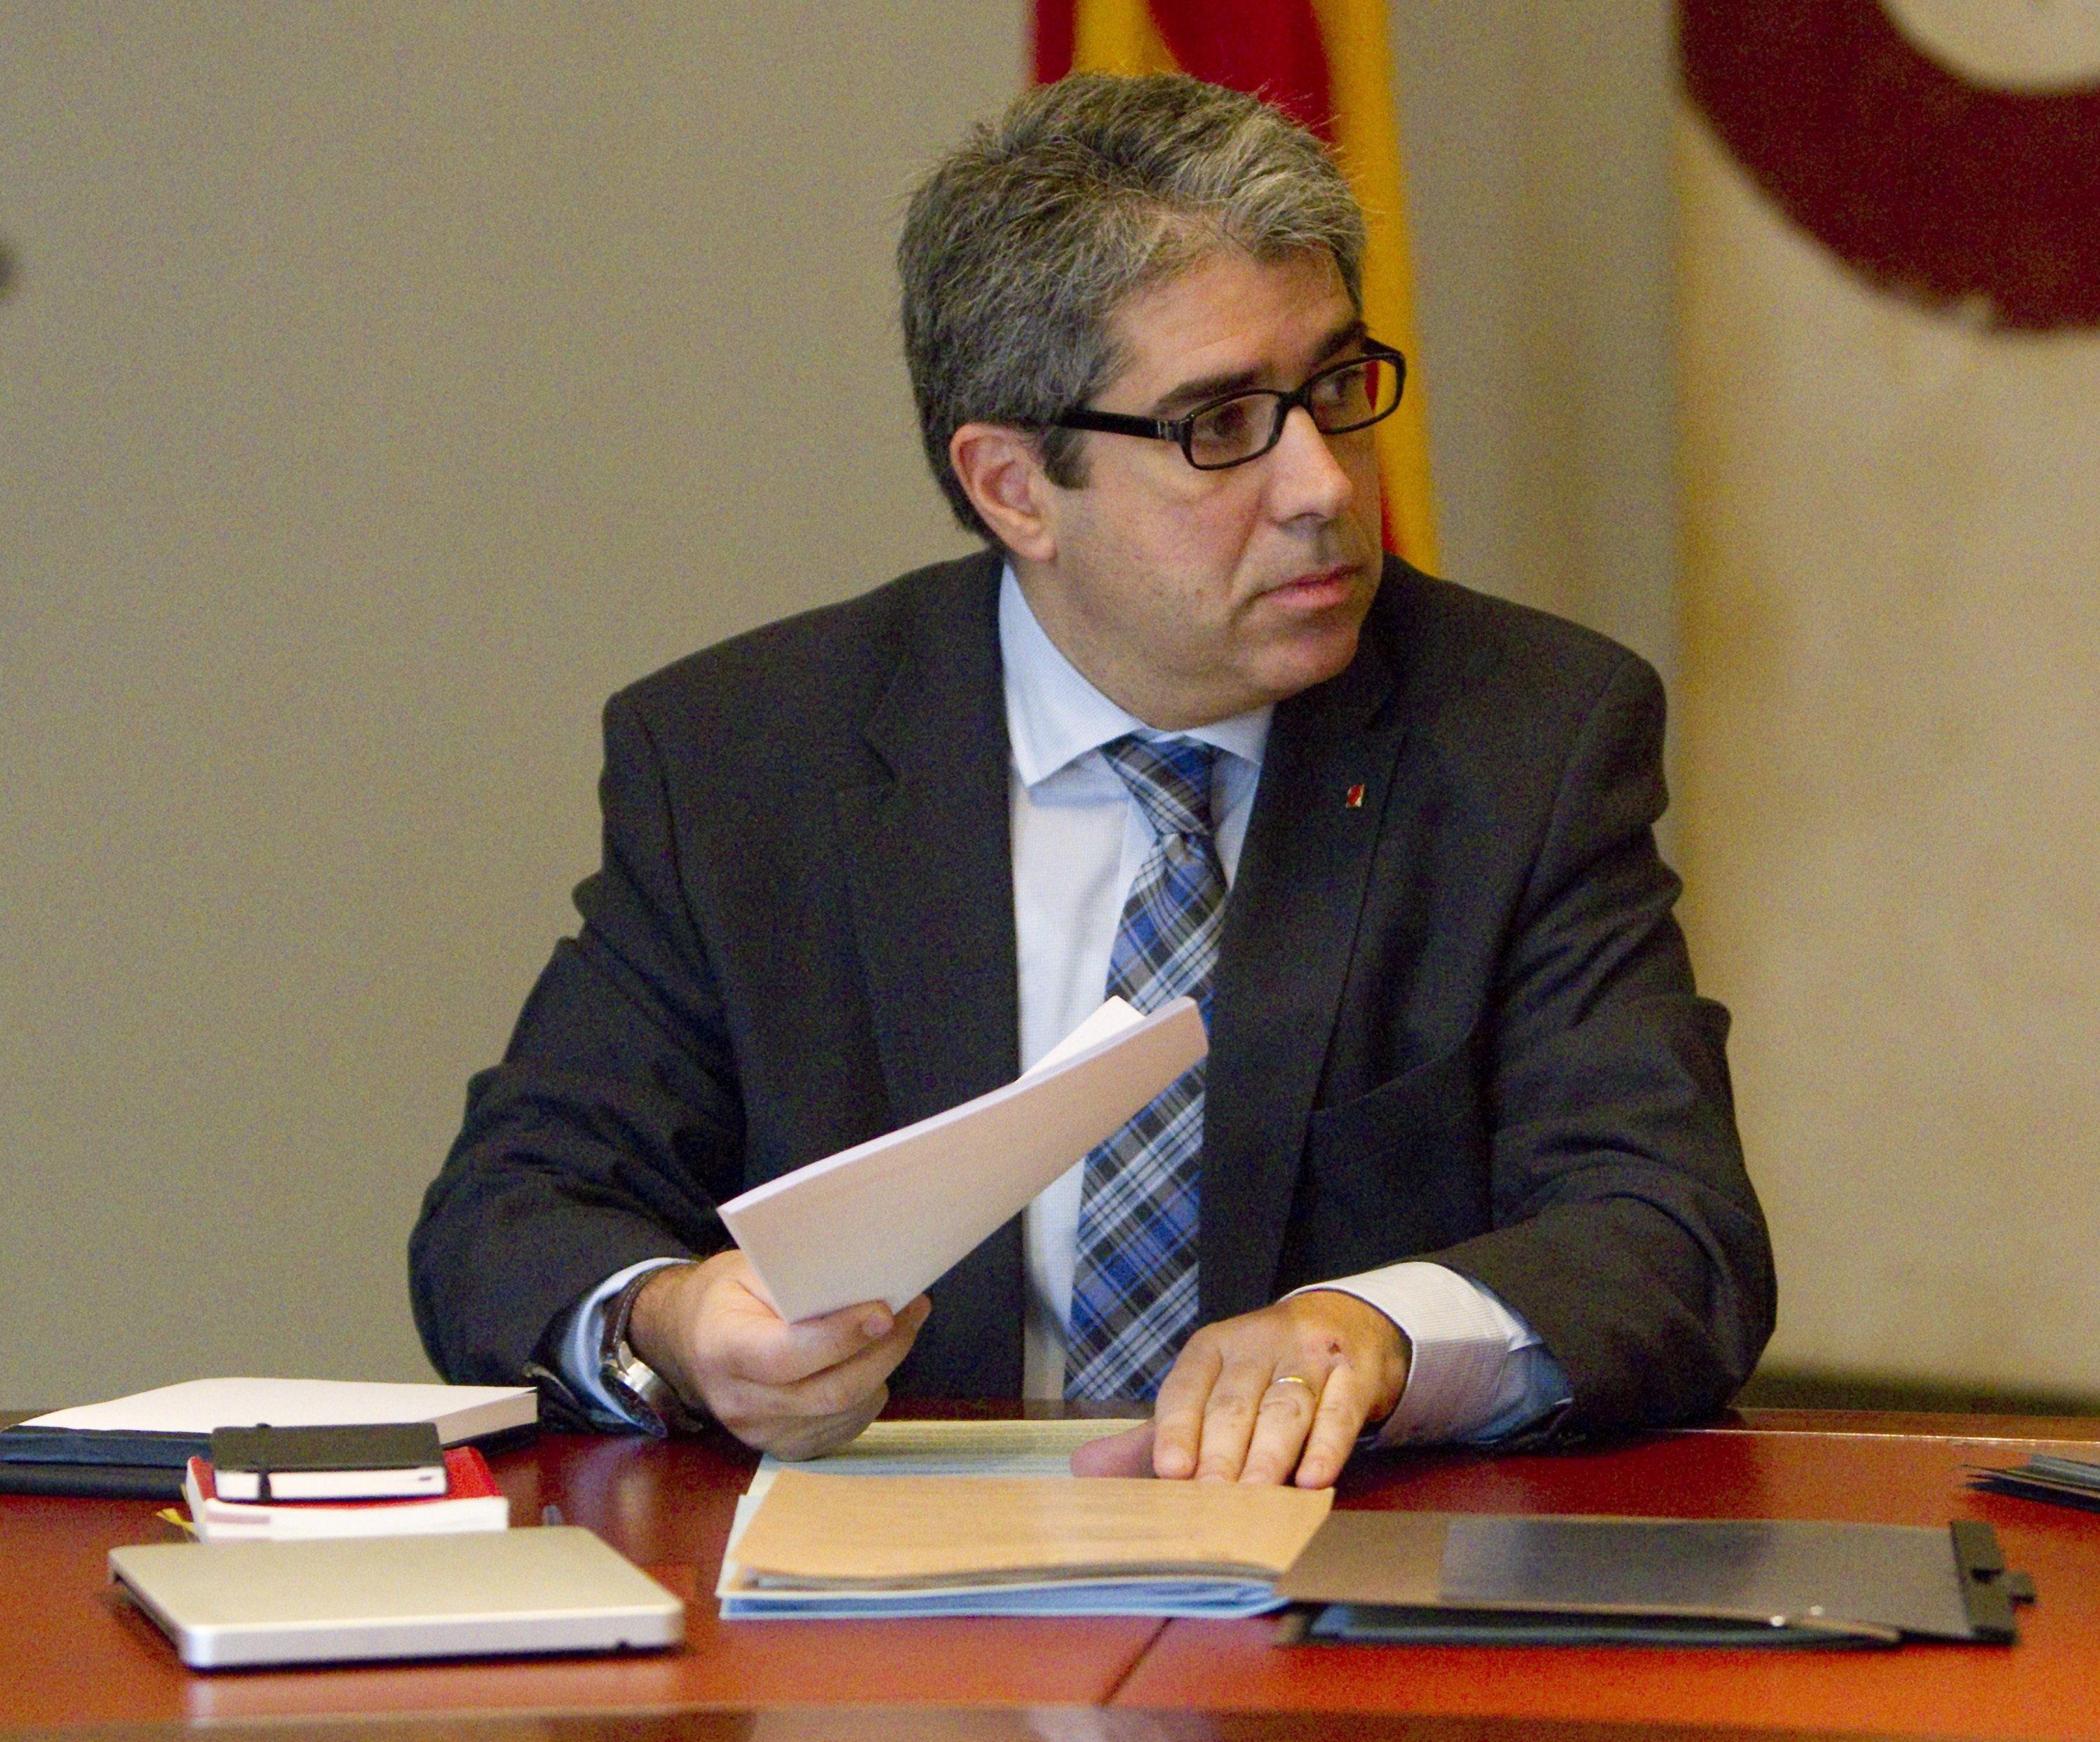 Homs afirma que «la política española no puede dar la espalda indefinidamente a Cataluña»